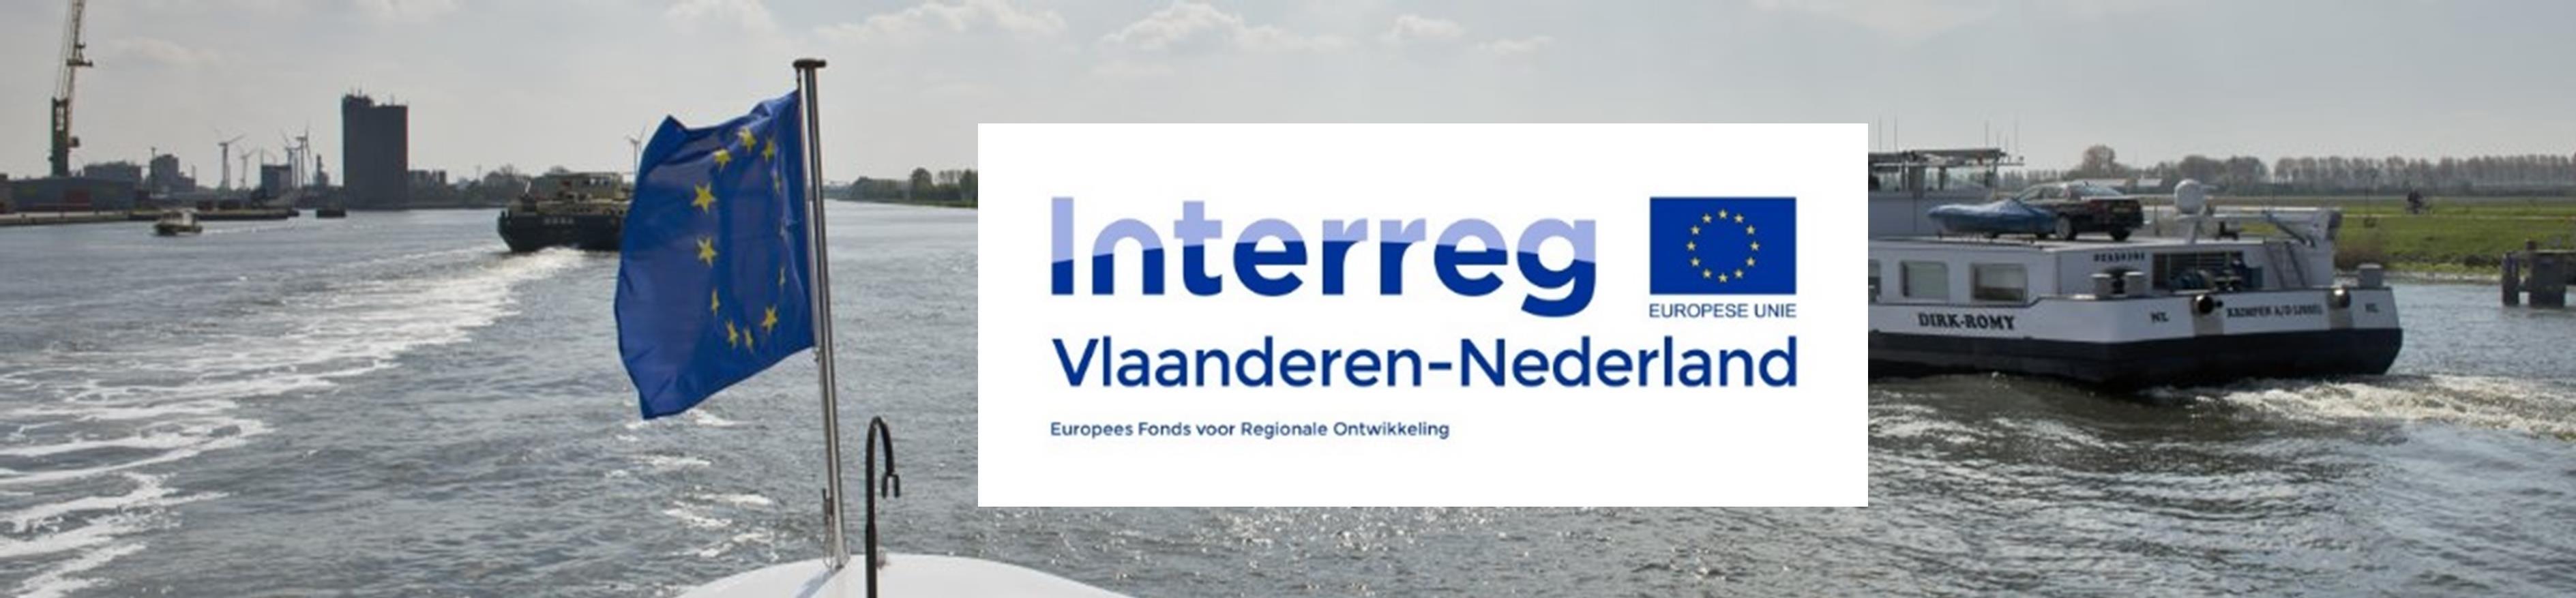 foto topformaat schip plus groot logo Interreg VL-NL